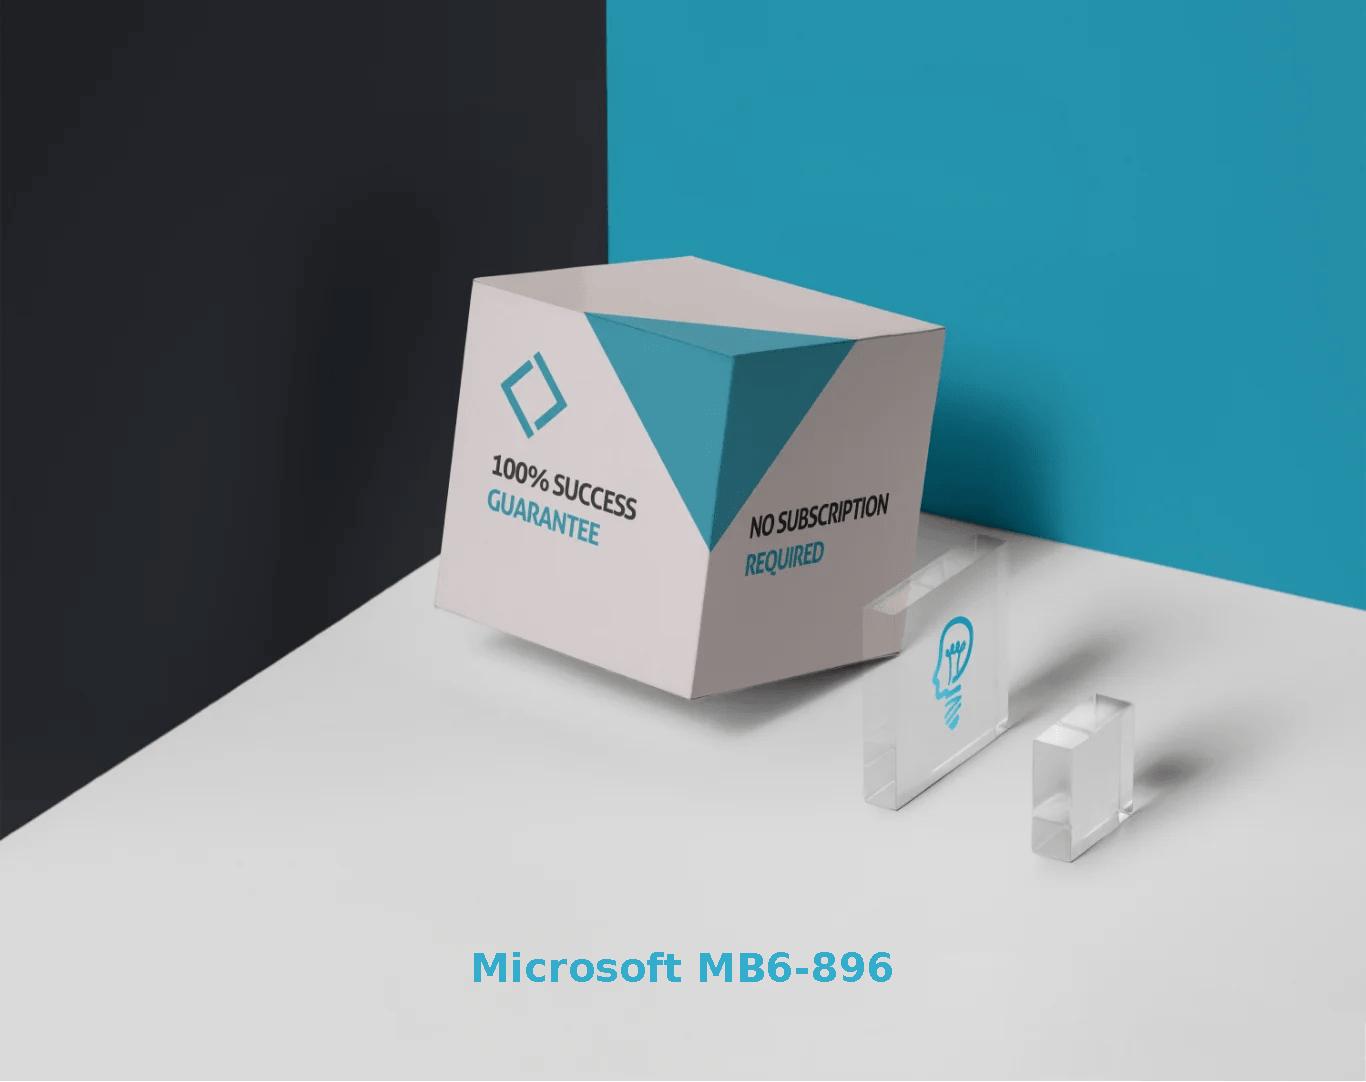 MB6-896 Dumps